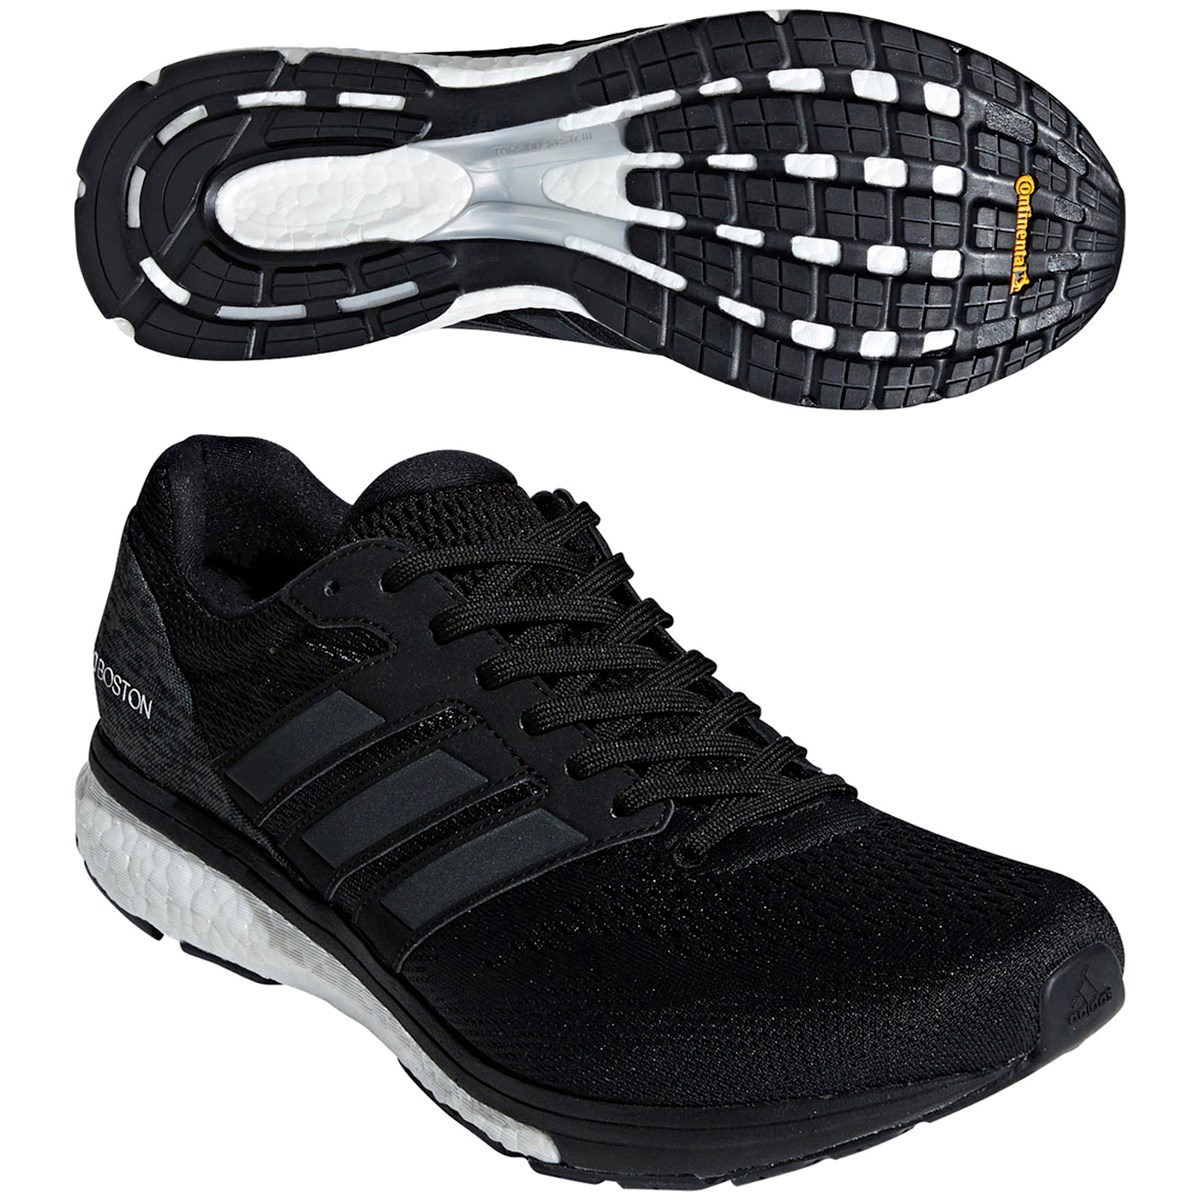 アディダス(adidas) adizero boston 3 m シューズ